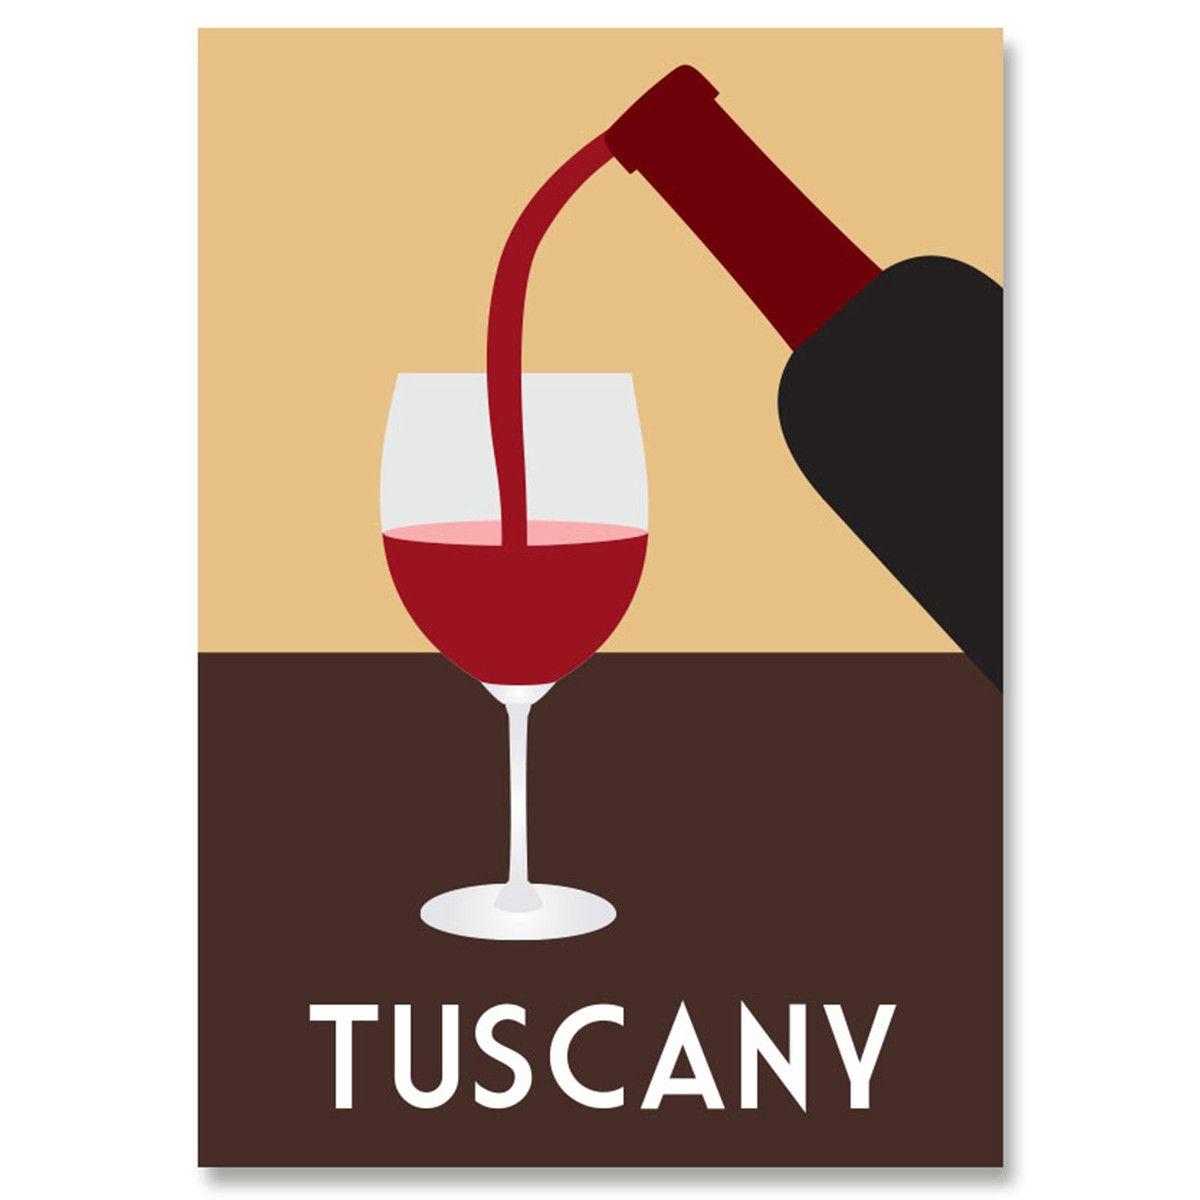 Tuscany Print | Italian Themed Gifts | Pinterest | Tuscany